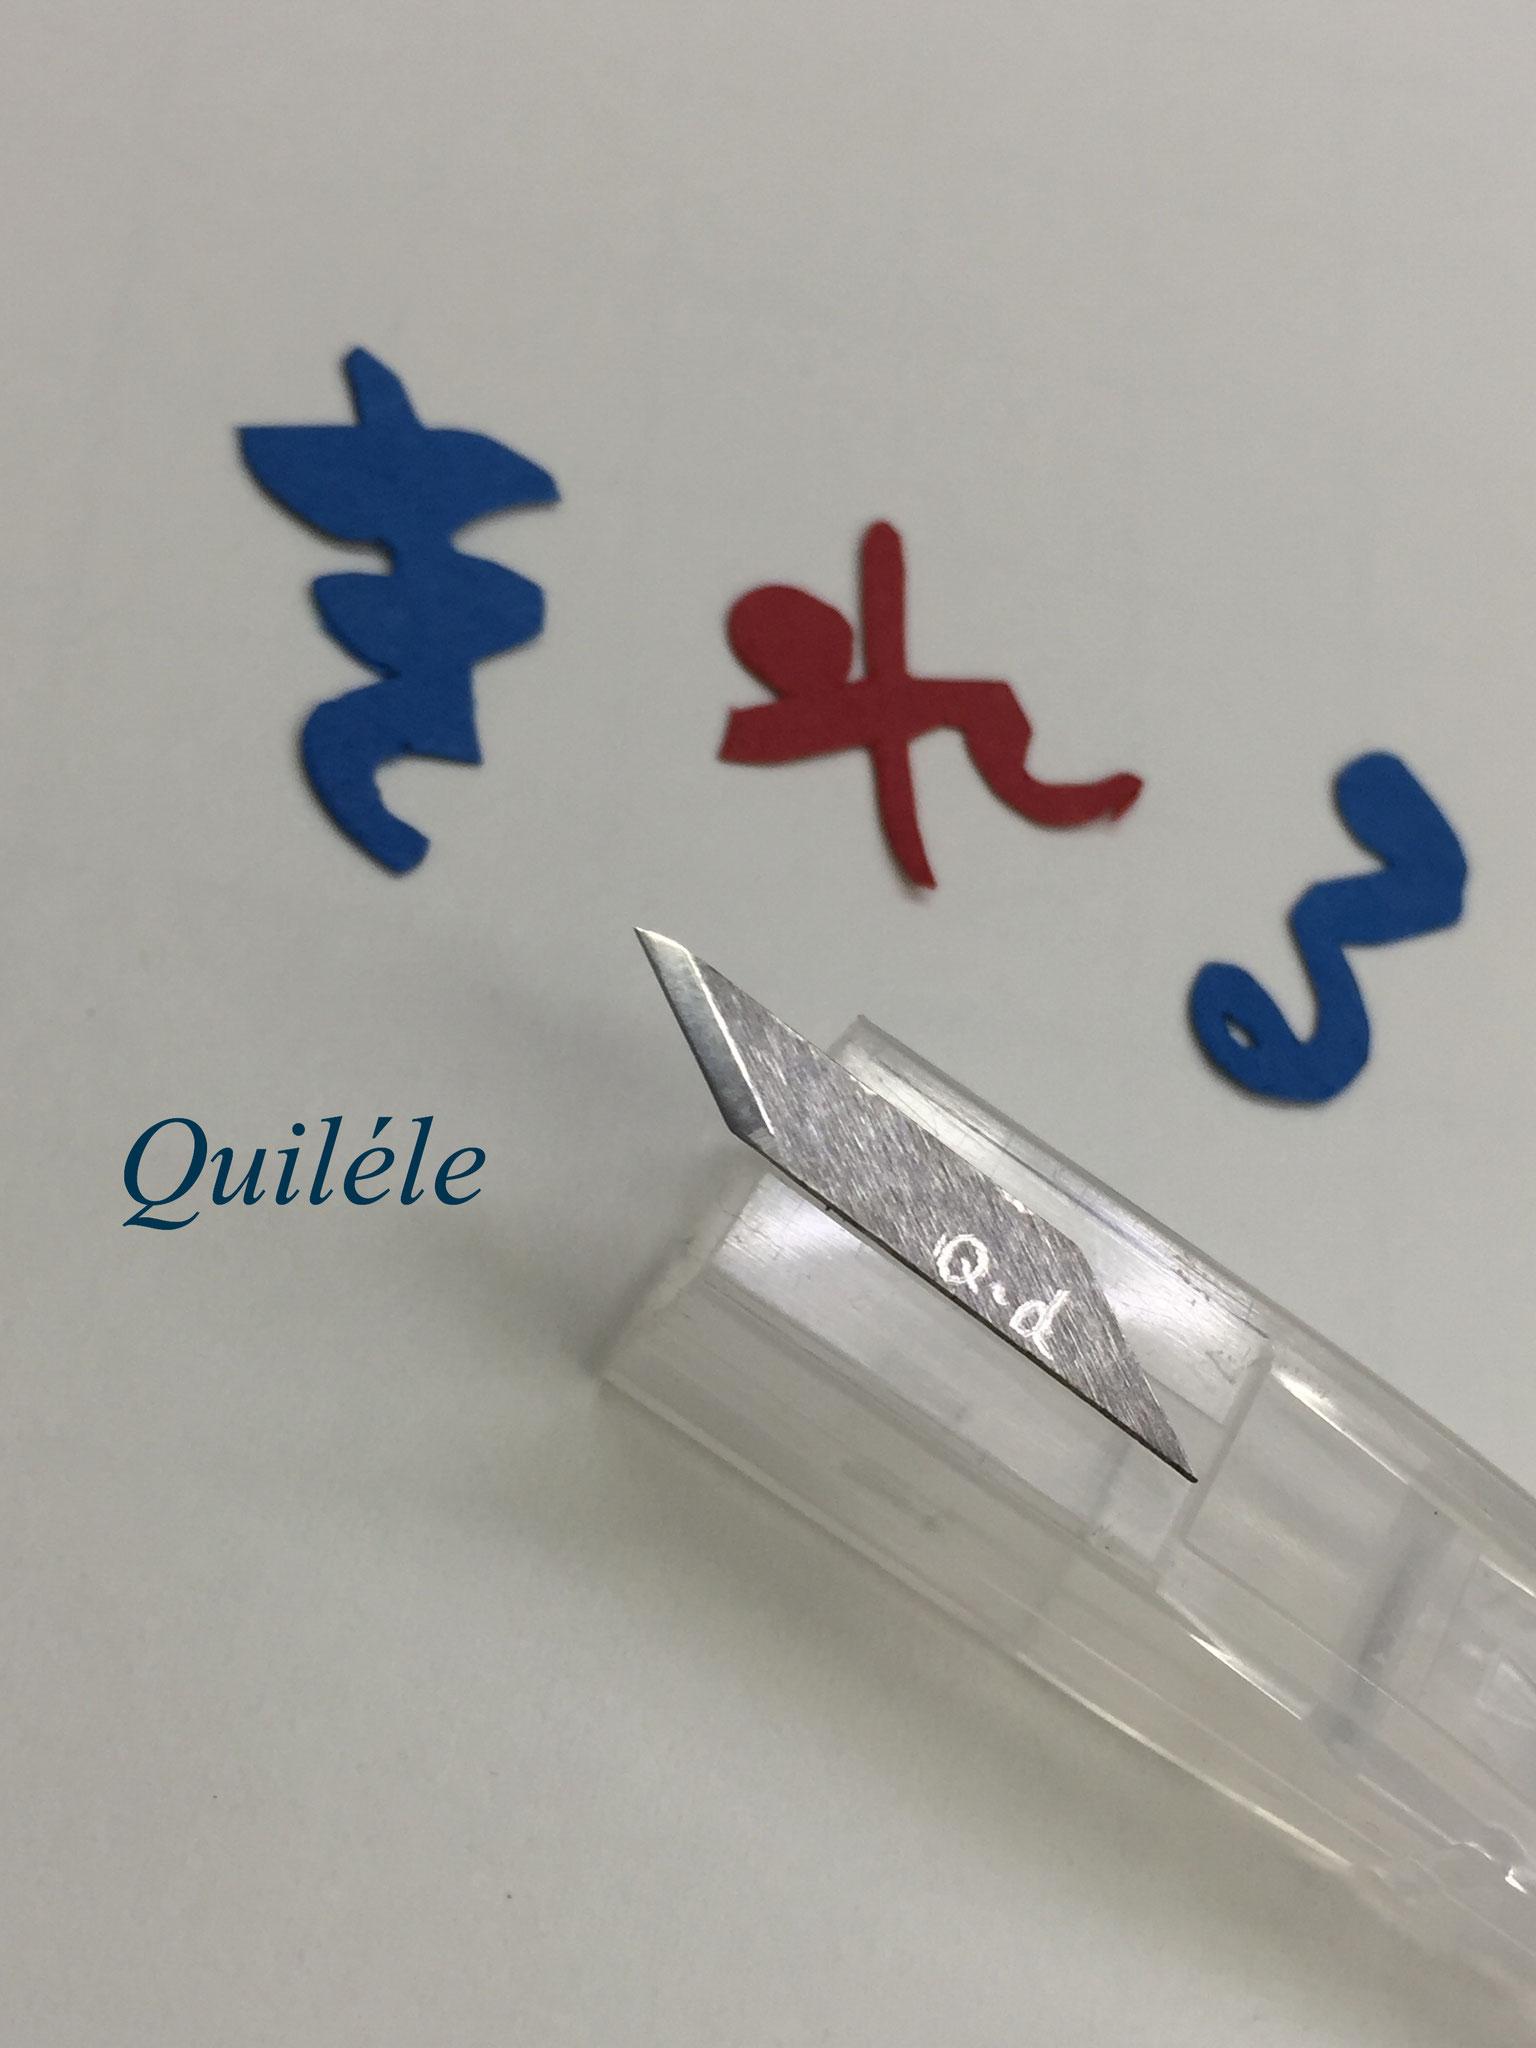 替刃「Q-d」デザインカッター